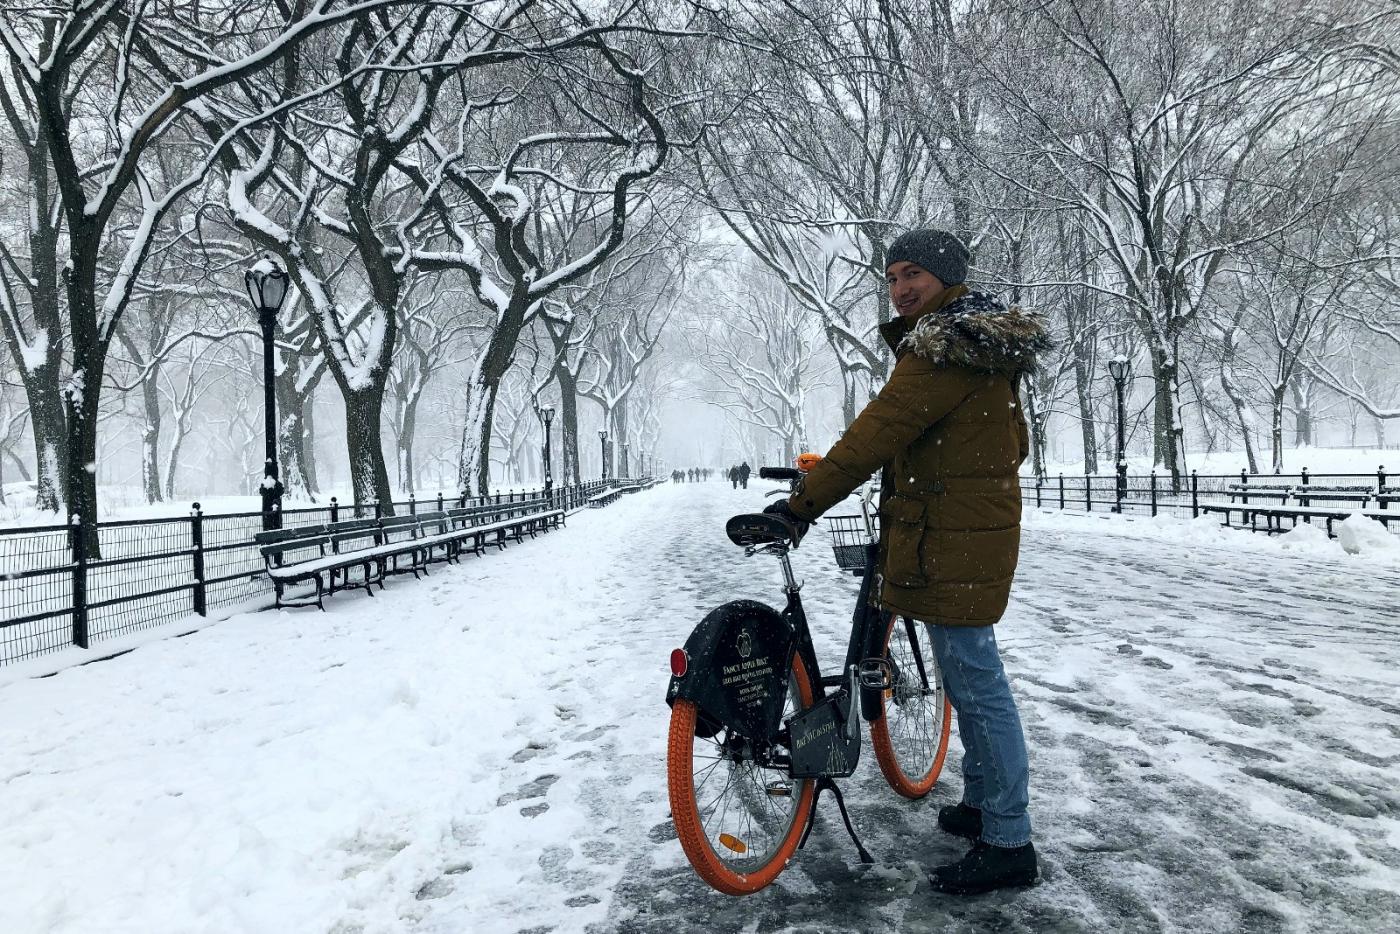 【田螺手机摄影】纽约雪景、还是中央公园最漂亮[二]_图1-27